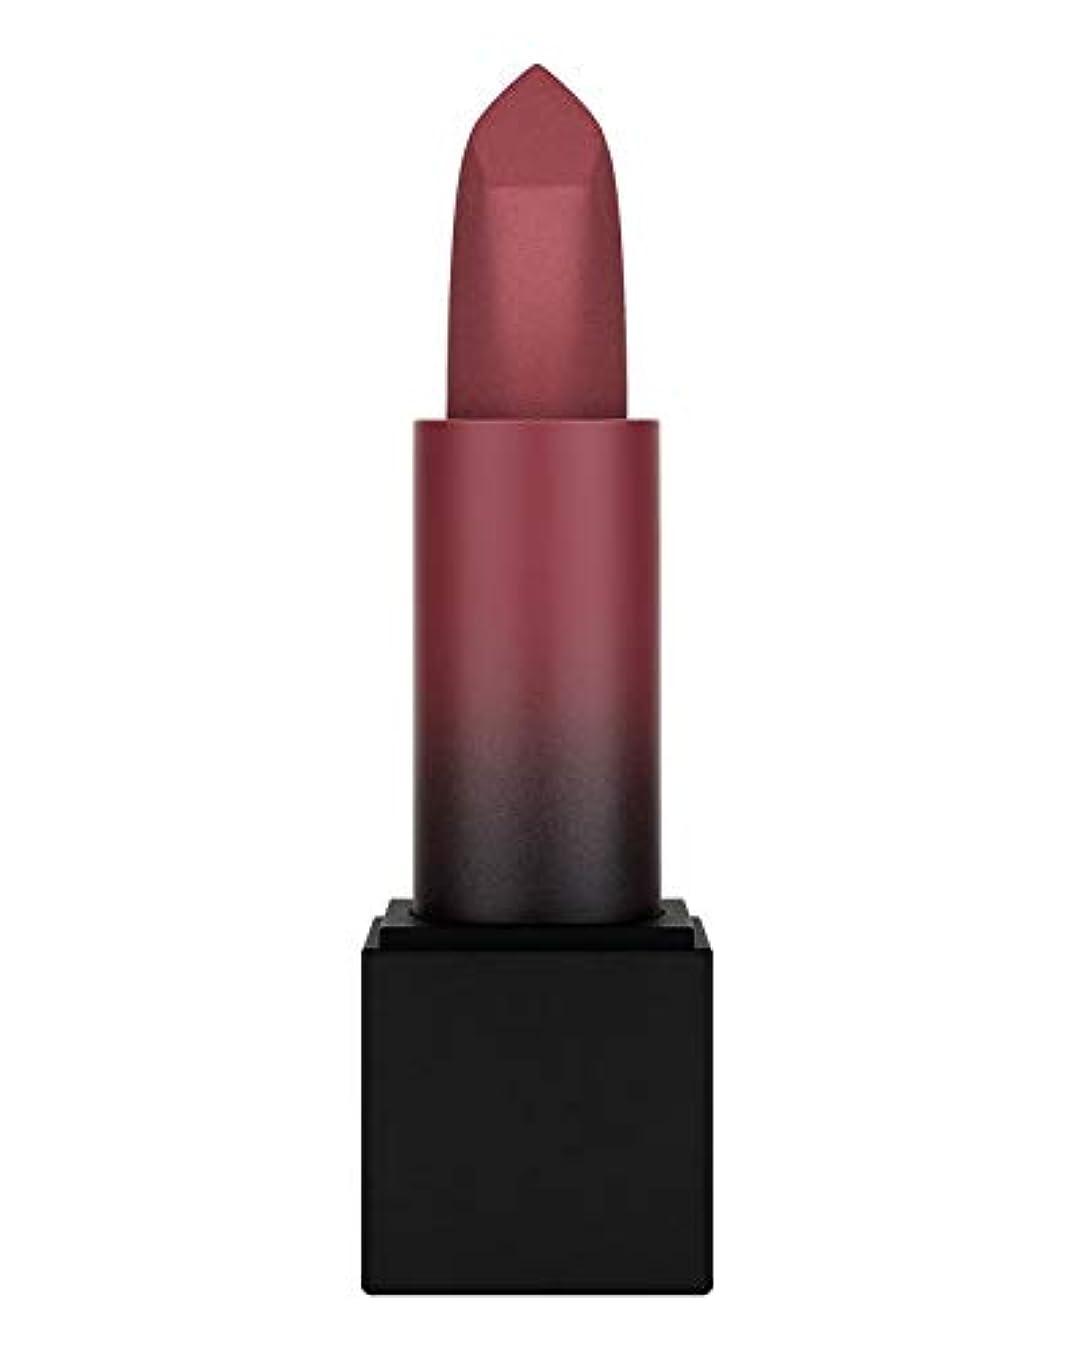 東エントリペダルHuda Beauty Power Bullet Matte Lipstick Pool Party フーダ ビューティー マットリップ プールパーティ